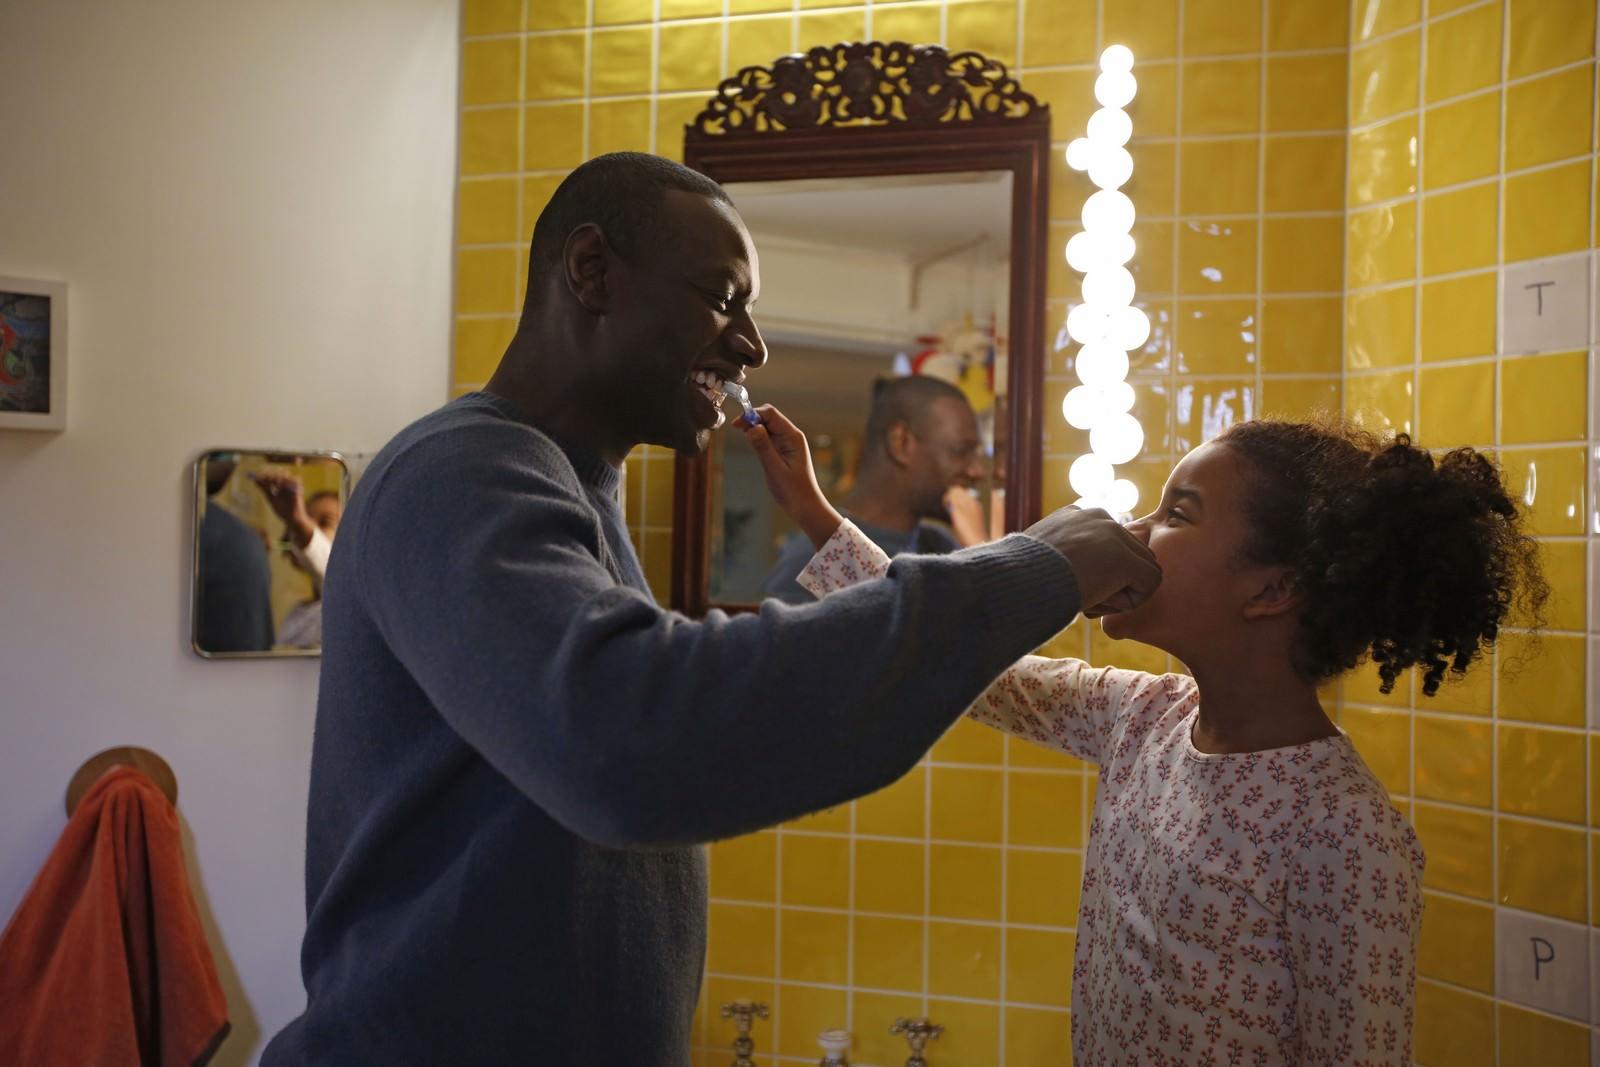 CinemaTivu: Famiglia all'improvviso: Istruzioni non incluse (Fra 2016), con Omar Sy, diretto da Hugo Gélin, in prima serata su Canale5